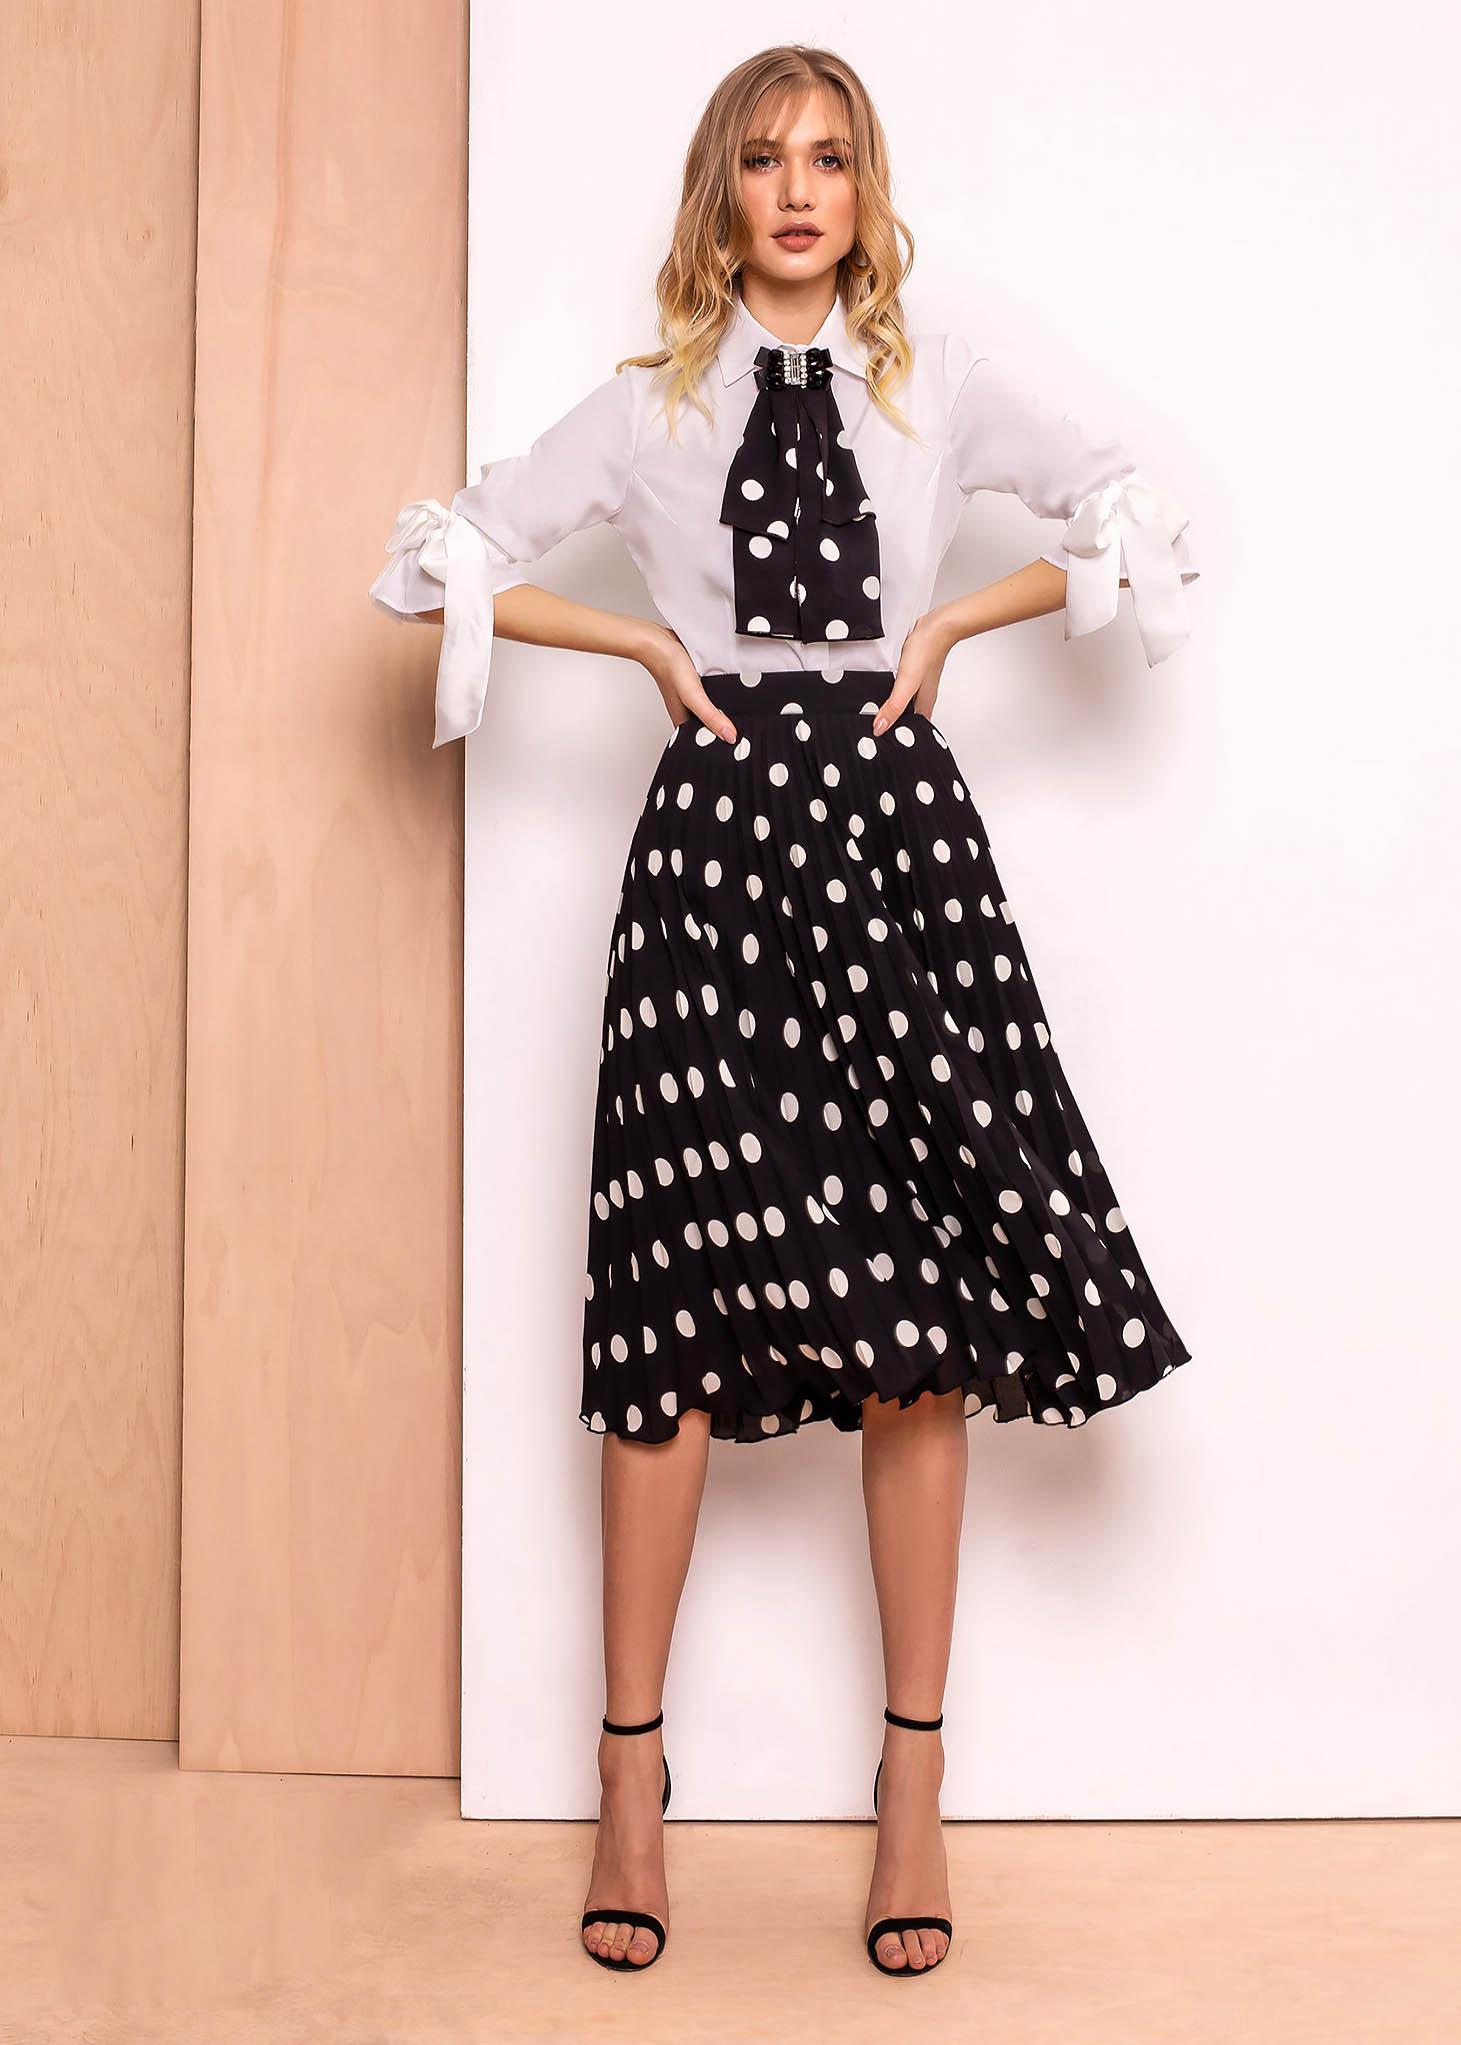 PrettyGirl white elegant folded up cloche skirt high waisted